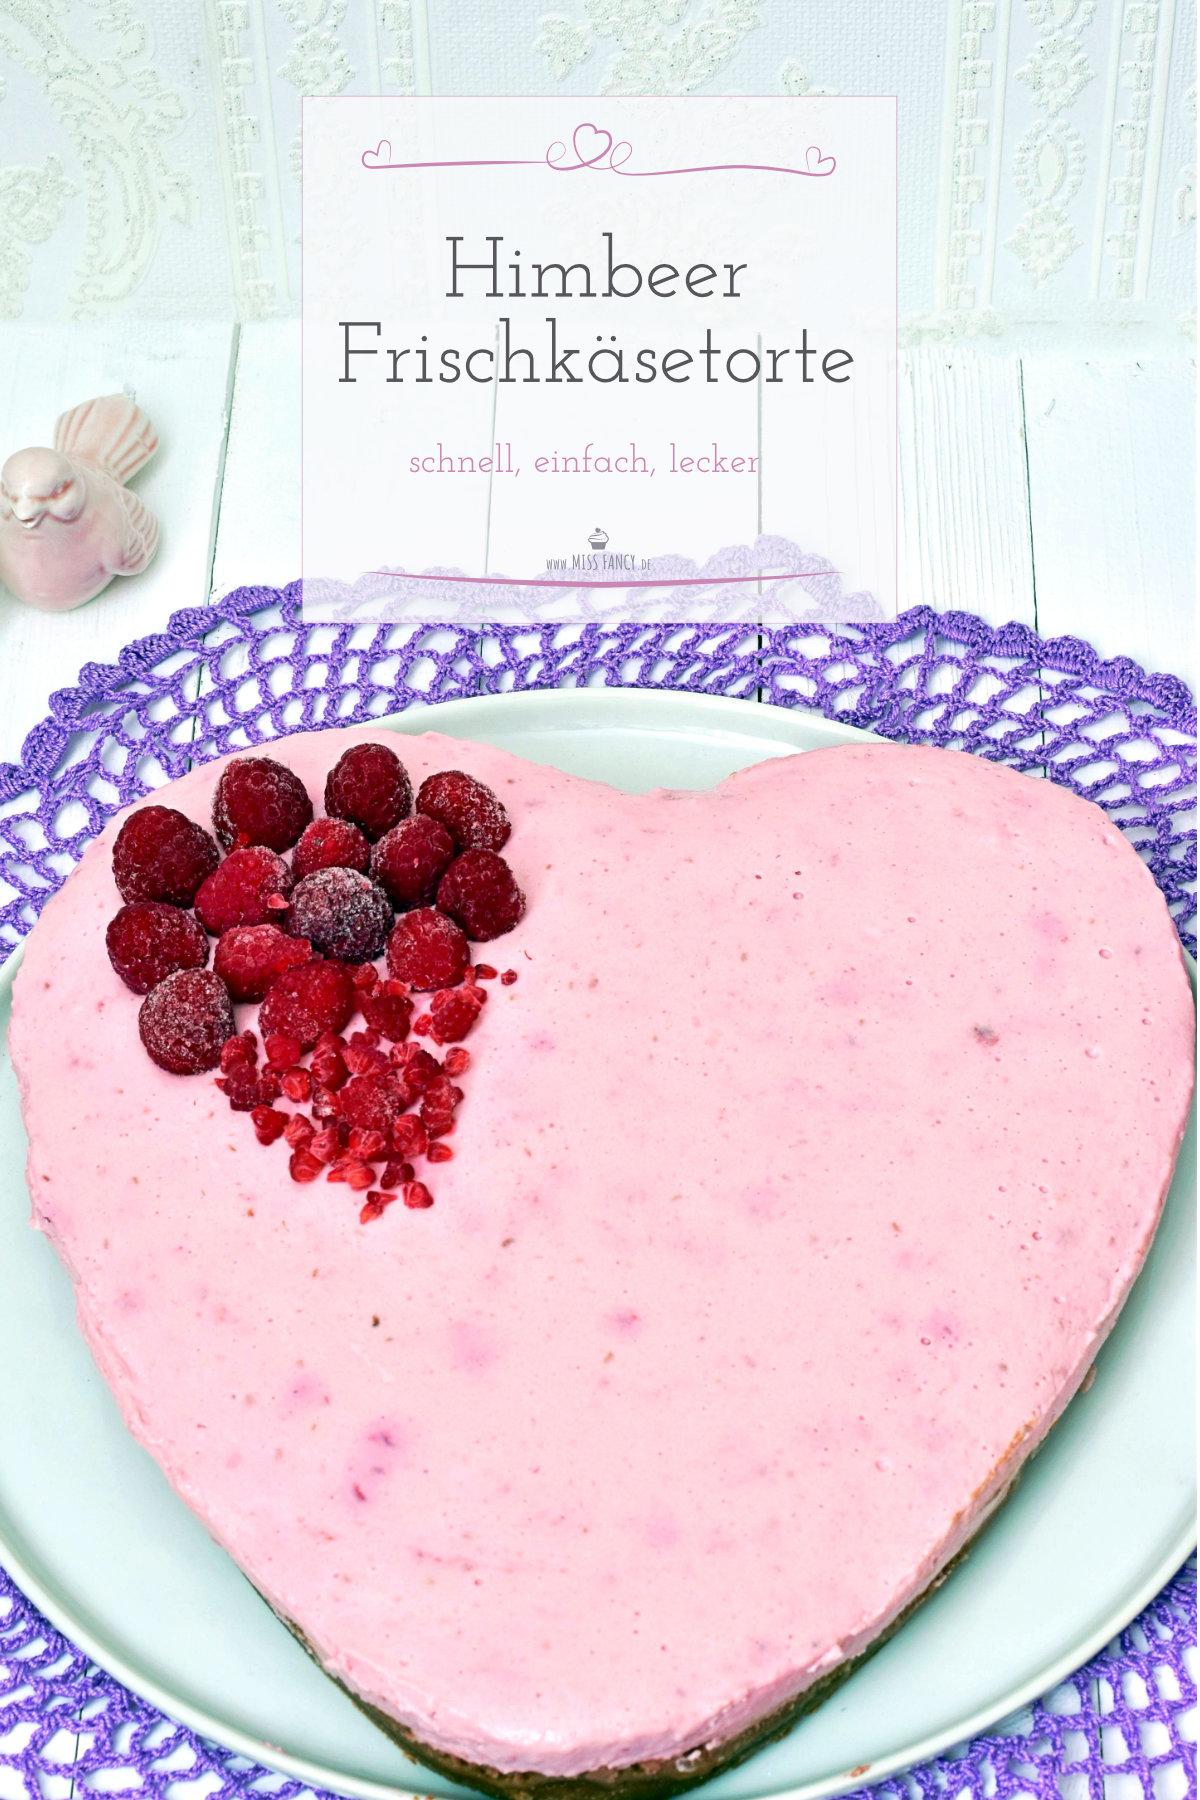 Himbeer Frischkäsetorte zu Valentinstag